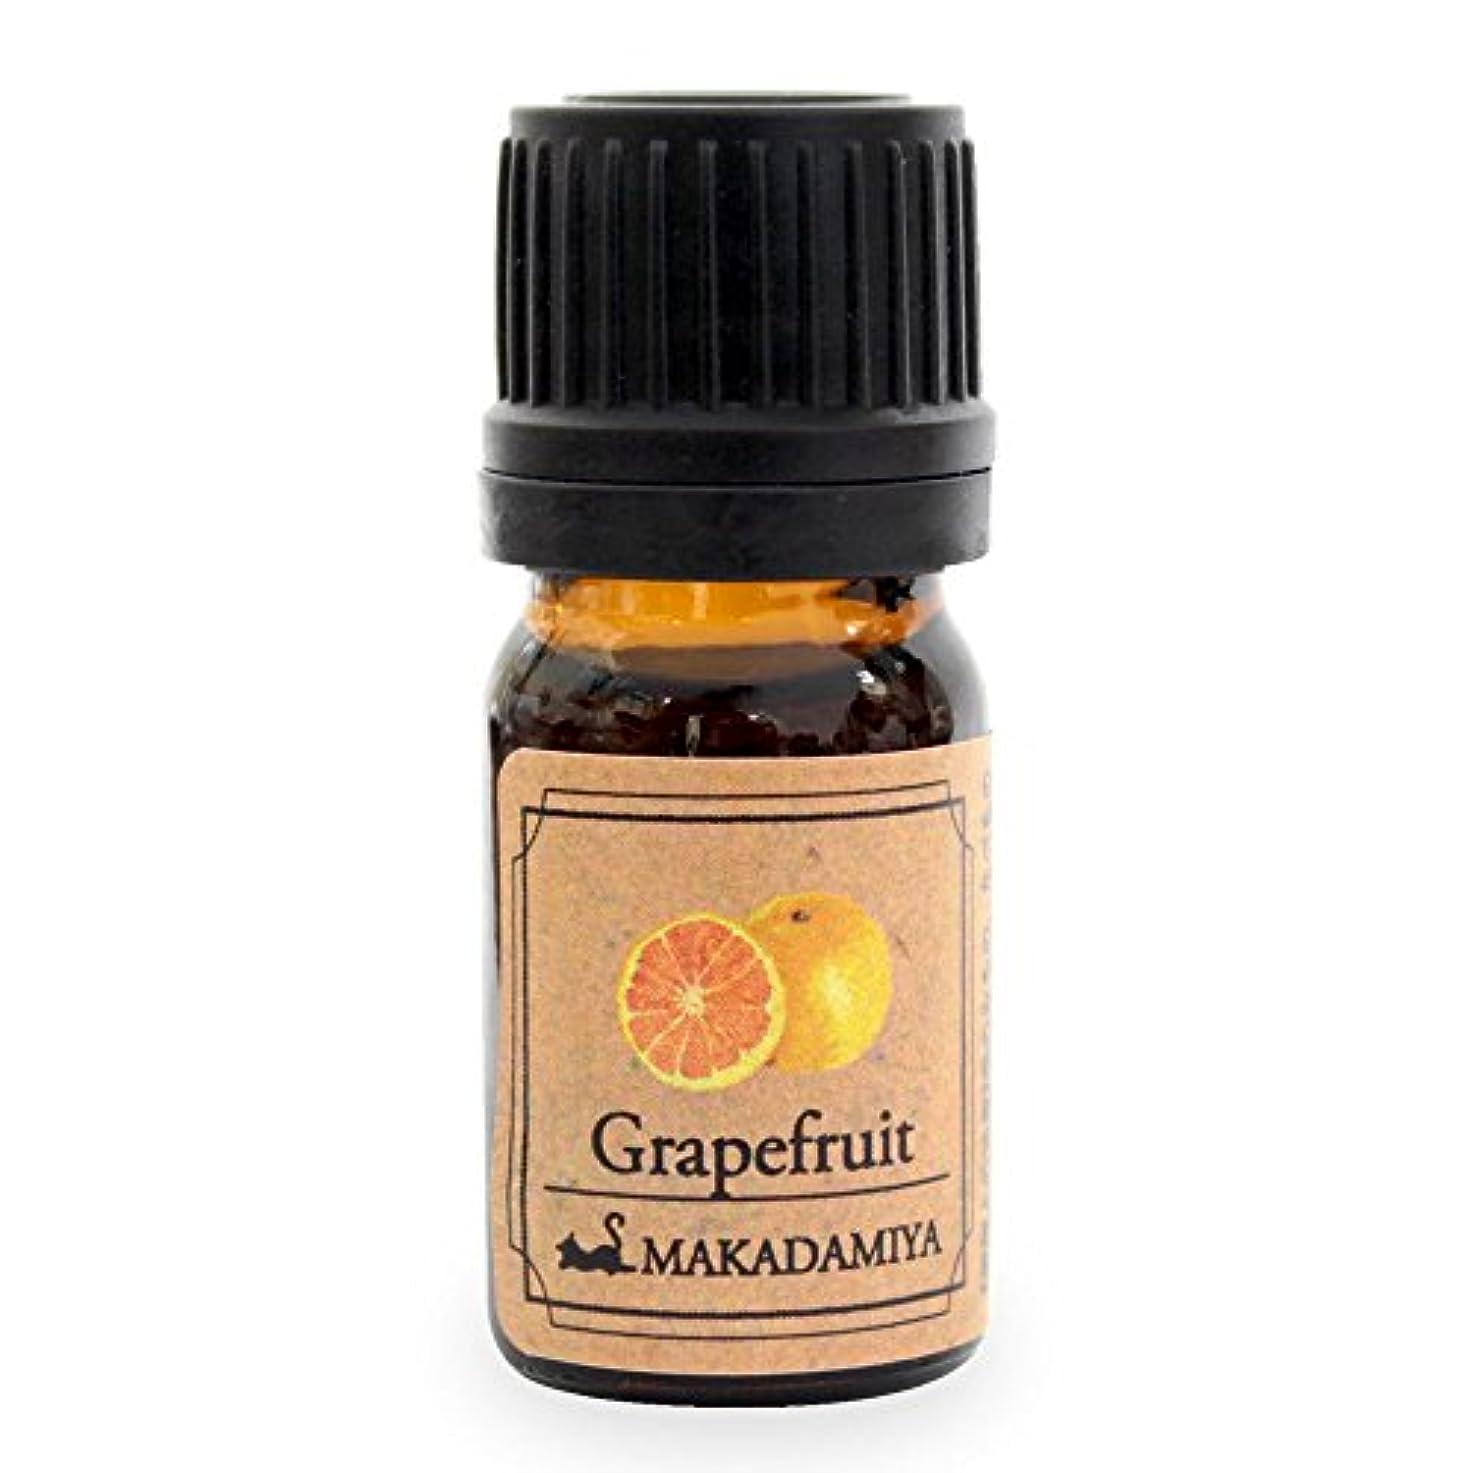 超える世界の窓ハムグレープフルーツ5ml 天然100%植物性 エッセンシャルオイル(精油) アロマオイル アロママッサージ aroma Grapefruit